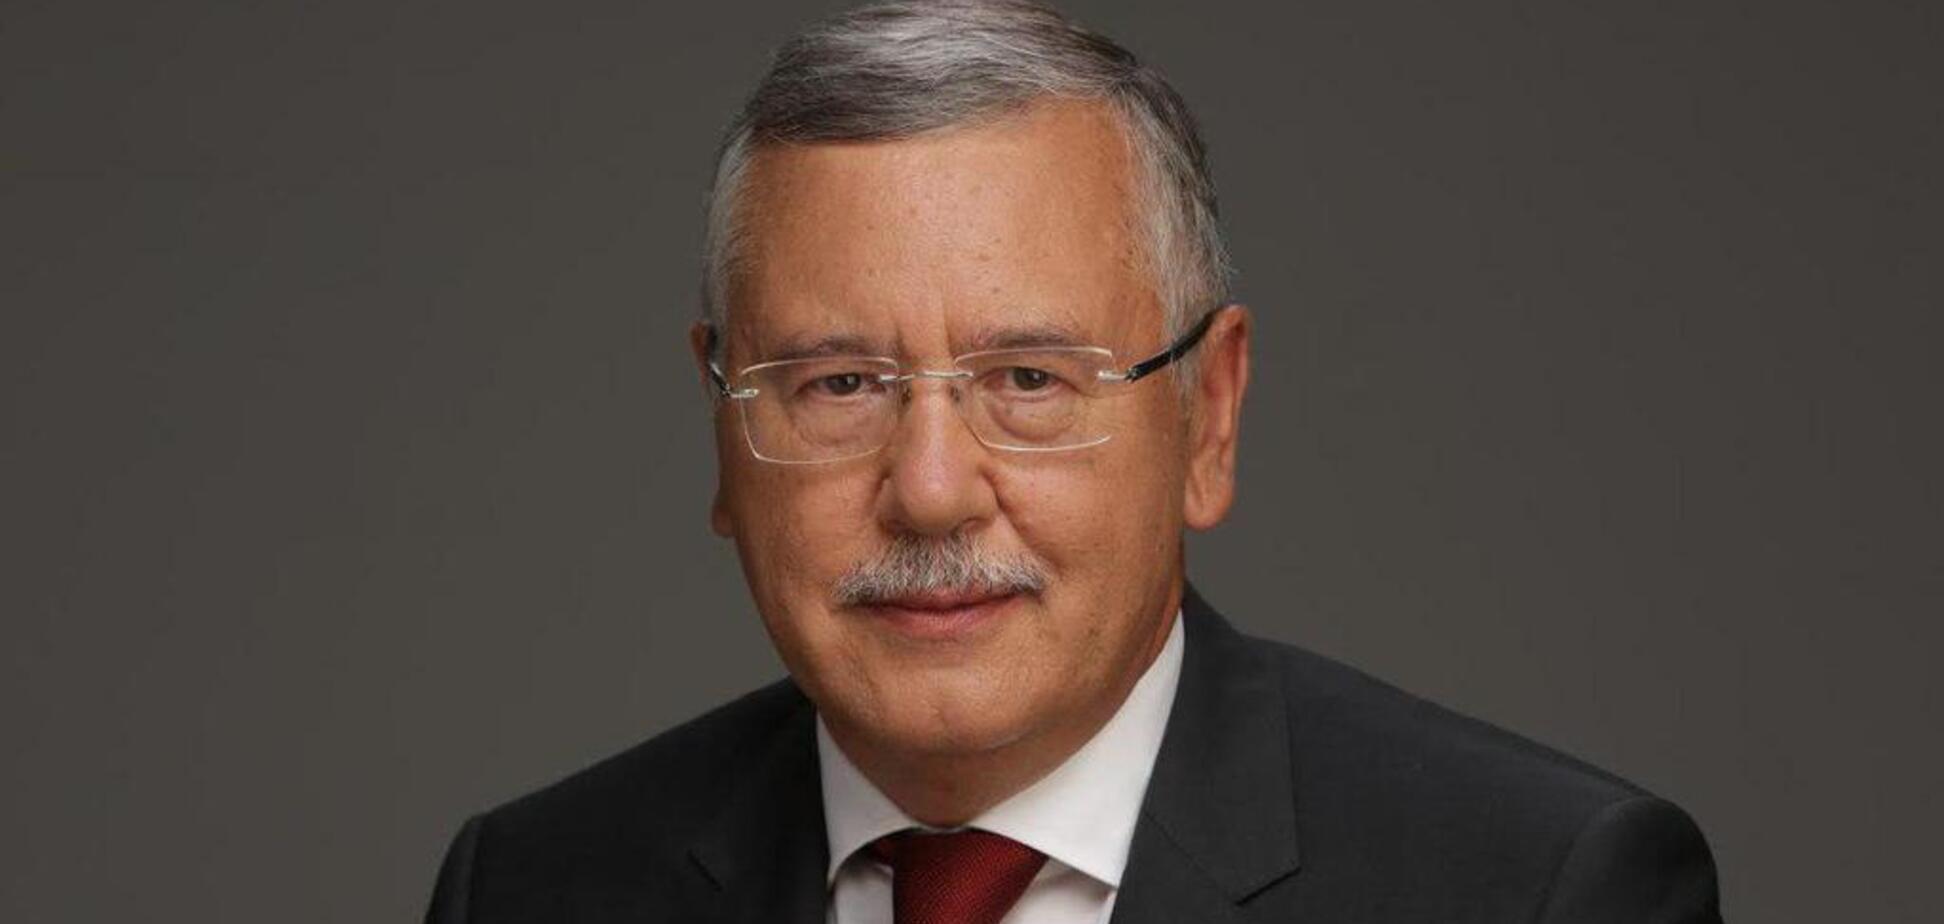 Денежное обеспечение от $1000 и соцпакет: Гриценко рассказал, какой будет армия